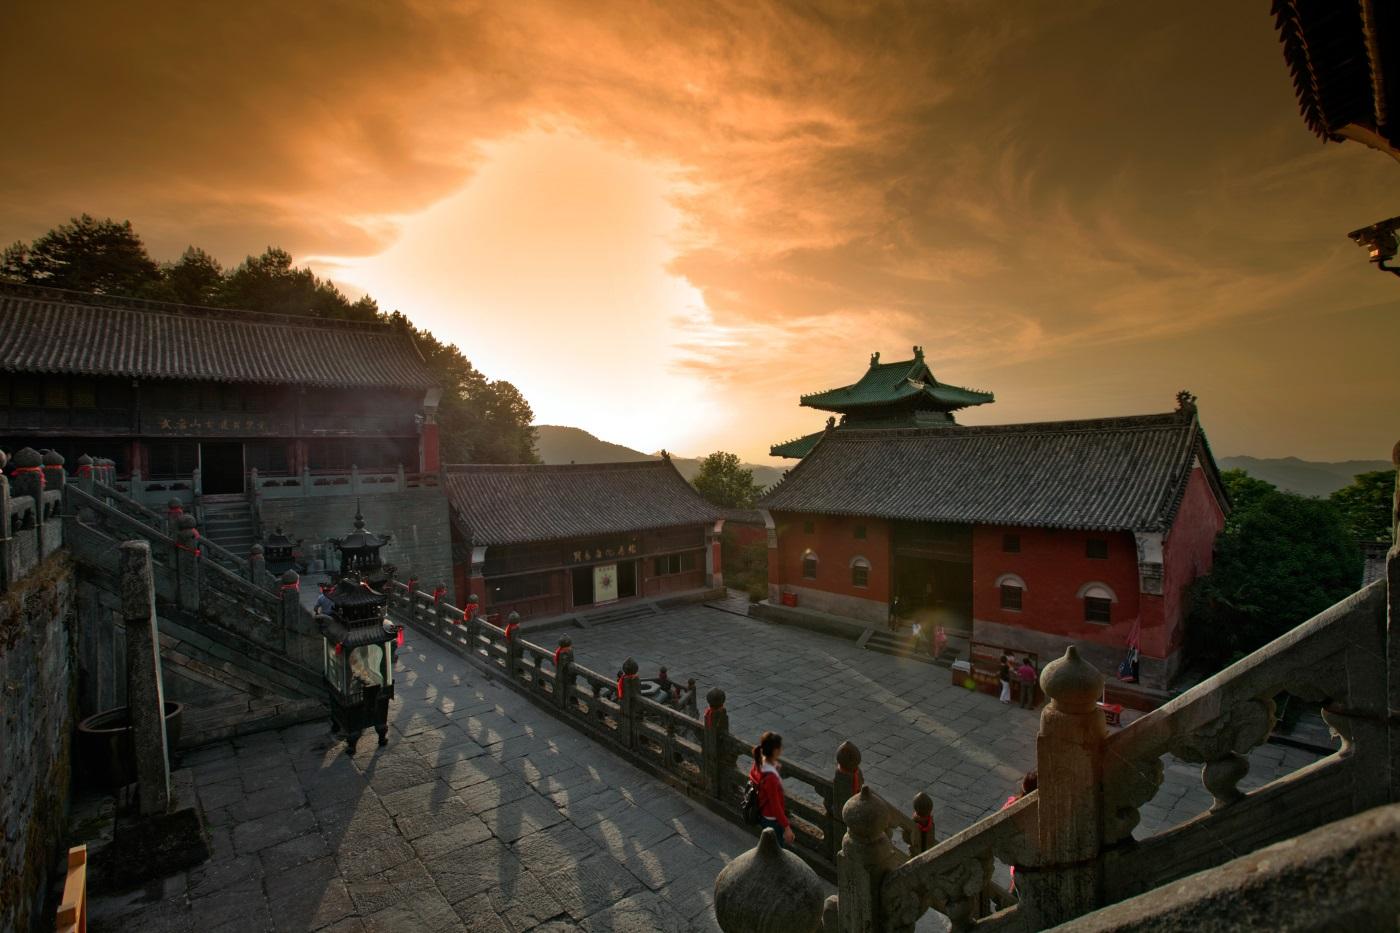 Комплексът от древни постройки в планината Вуданг – храмовете, дворците и манастирите, разположени по склоновете на планината Вуданг, съдържат 1000-годишно китайско изкуство и архитектура.